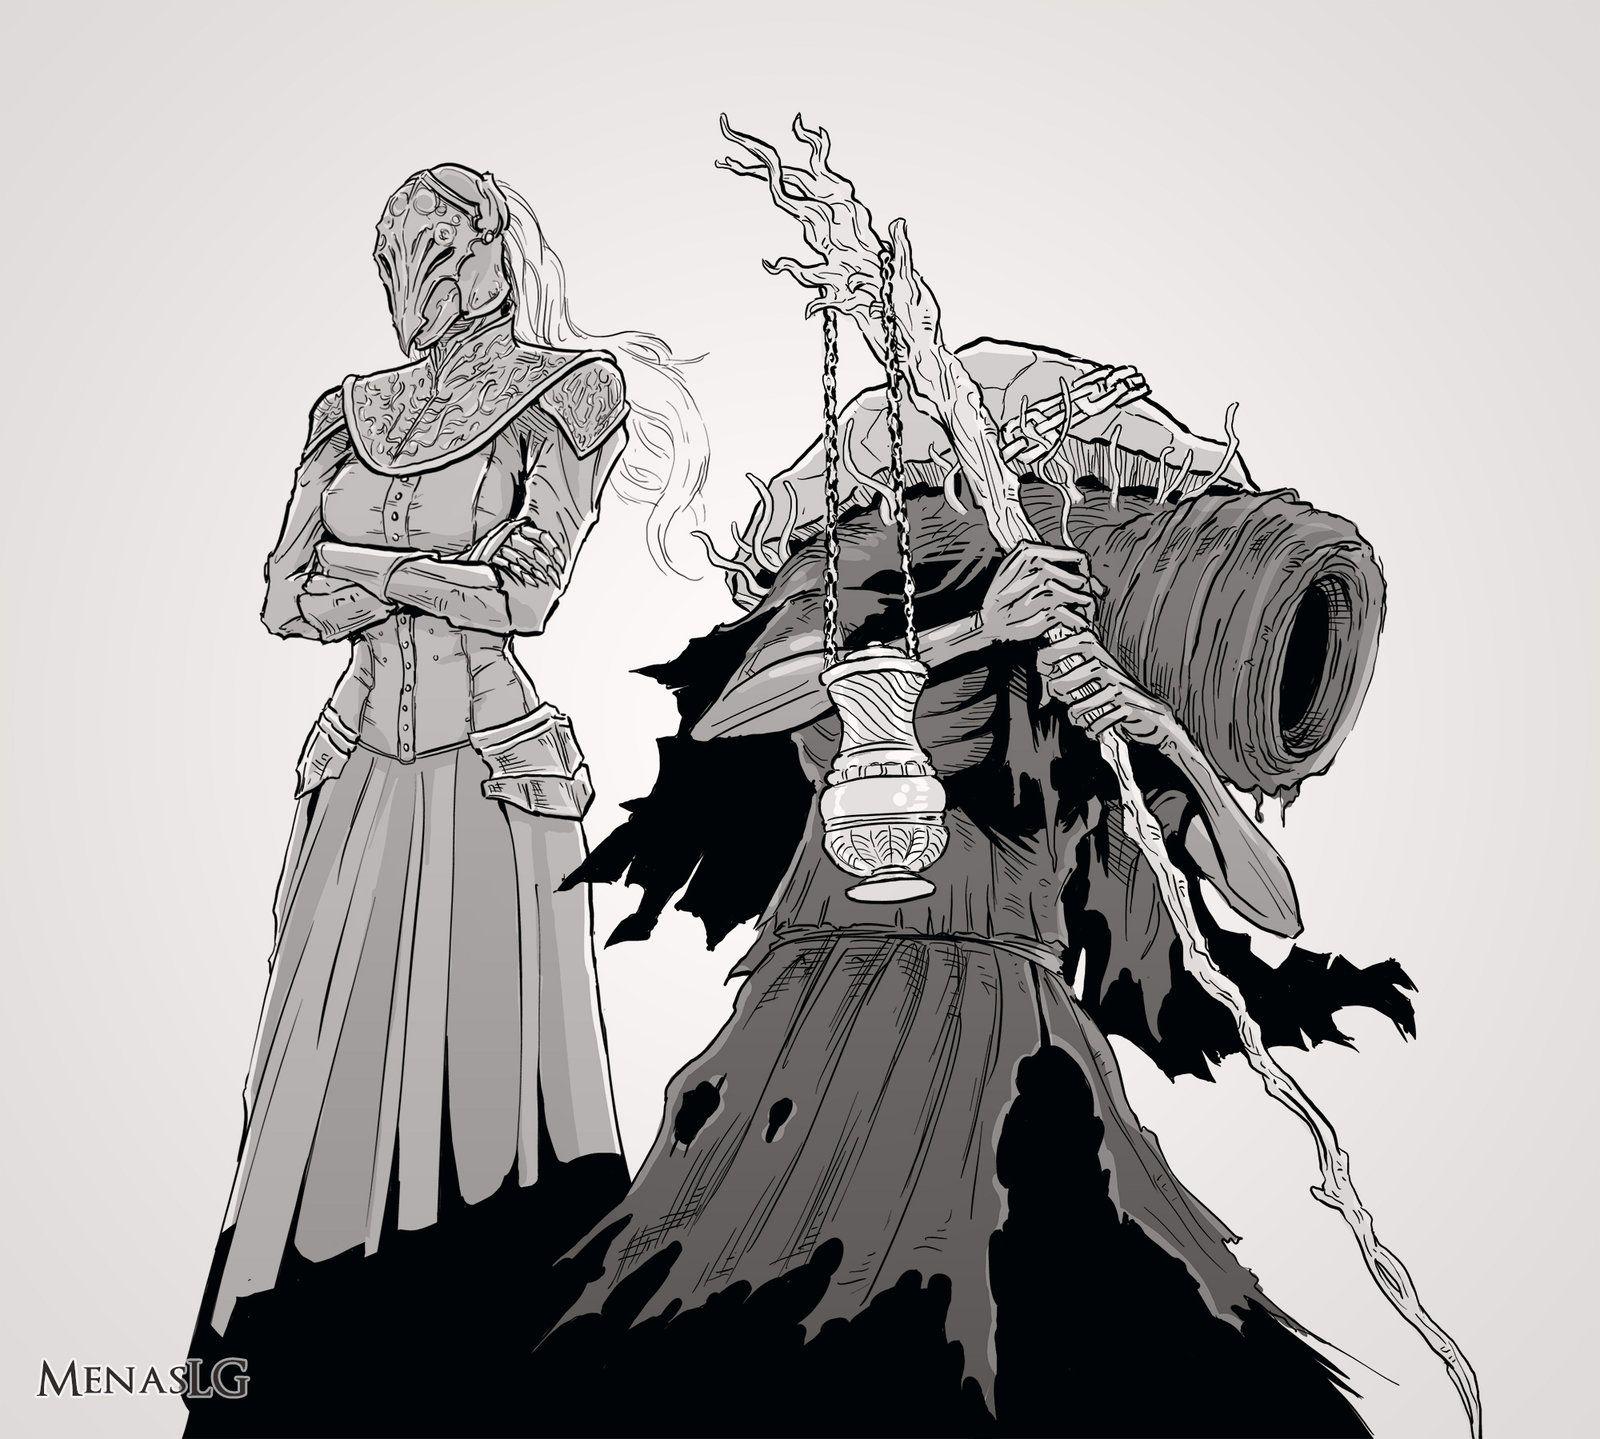 Dark Souls 3 Yuria And Yoel Dark Souls 3 Dark Souls Dark Souls Characters Dark souls 3 lore ► the hollows of londor. dark souls 3 yuria and yoel dark